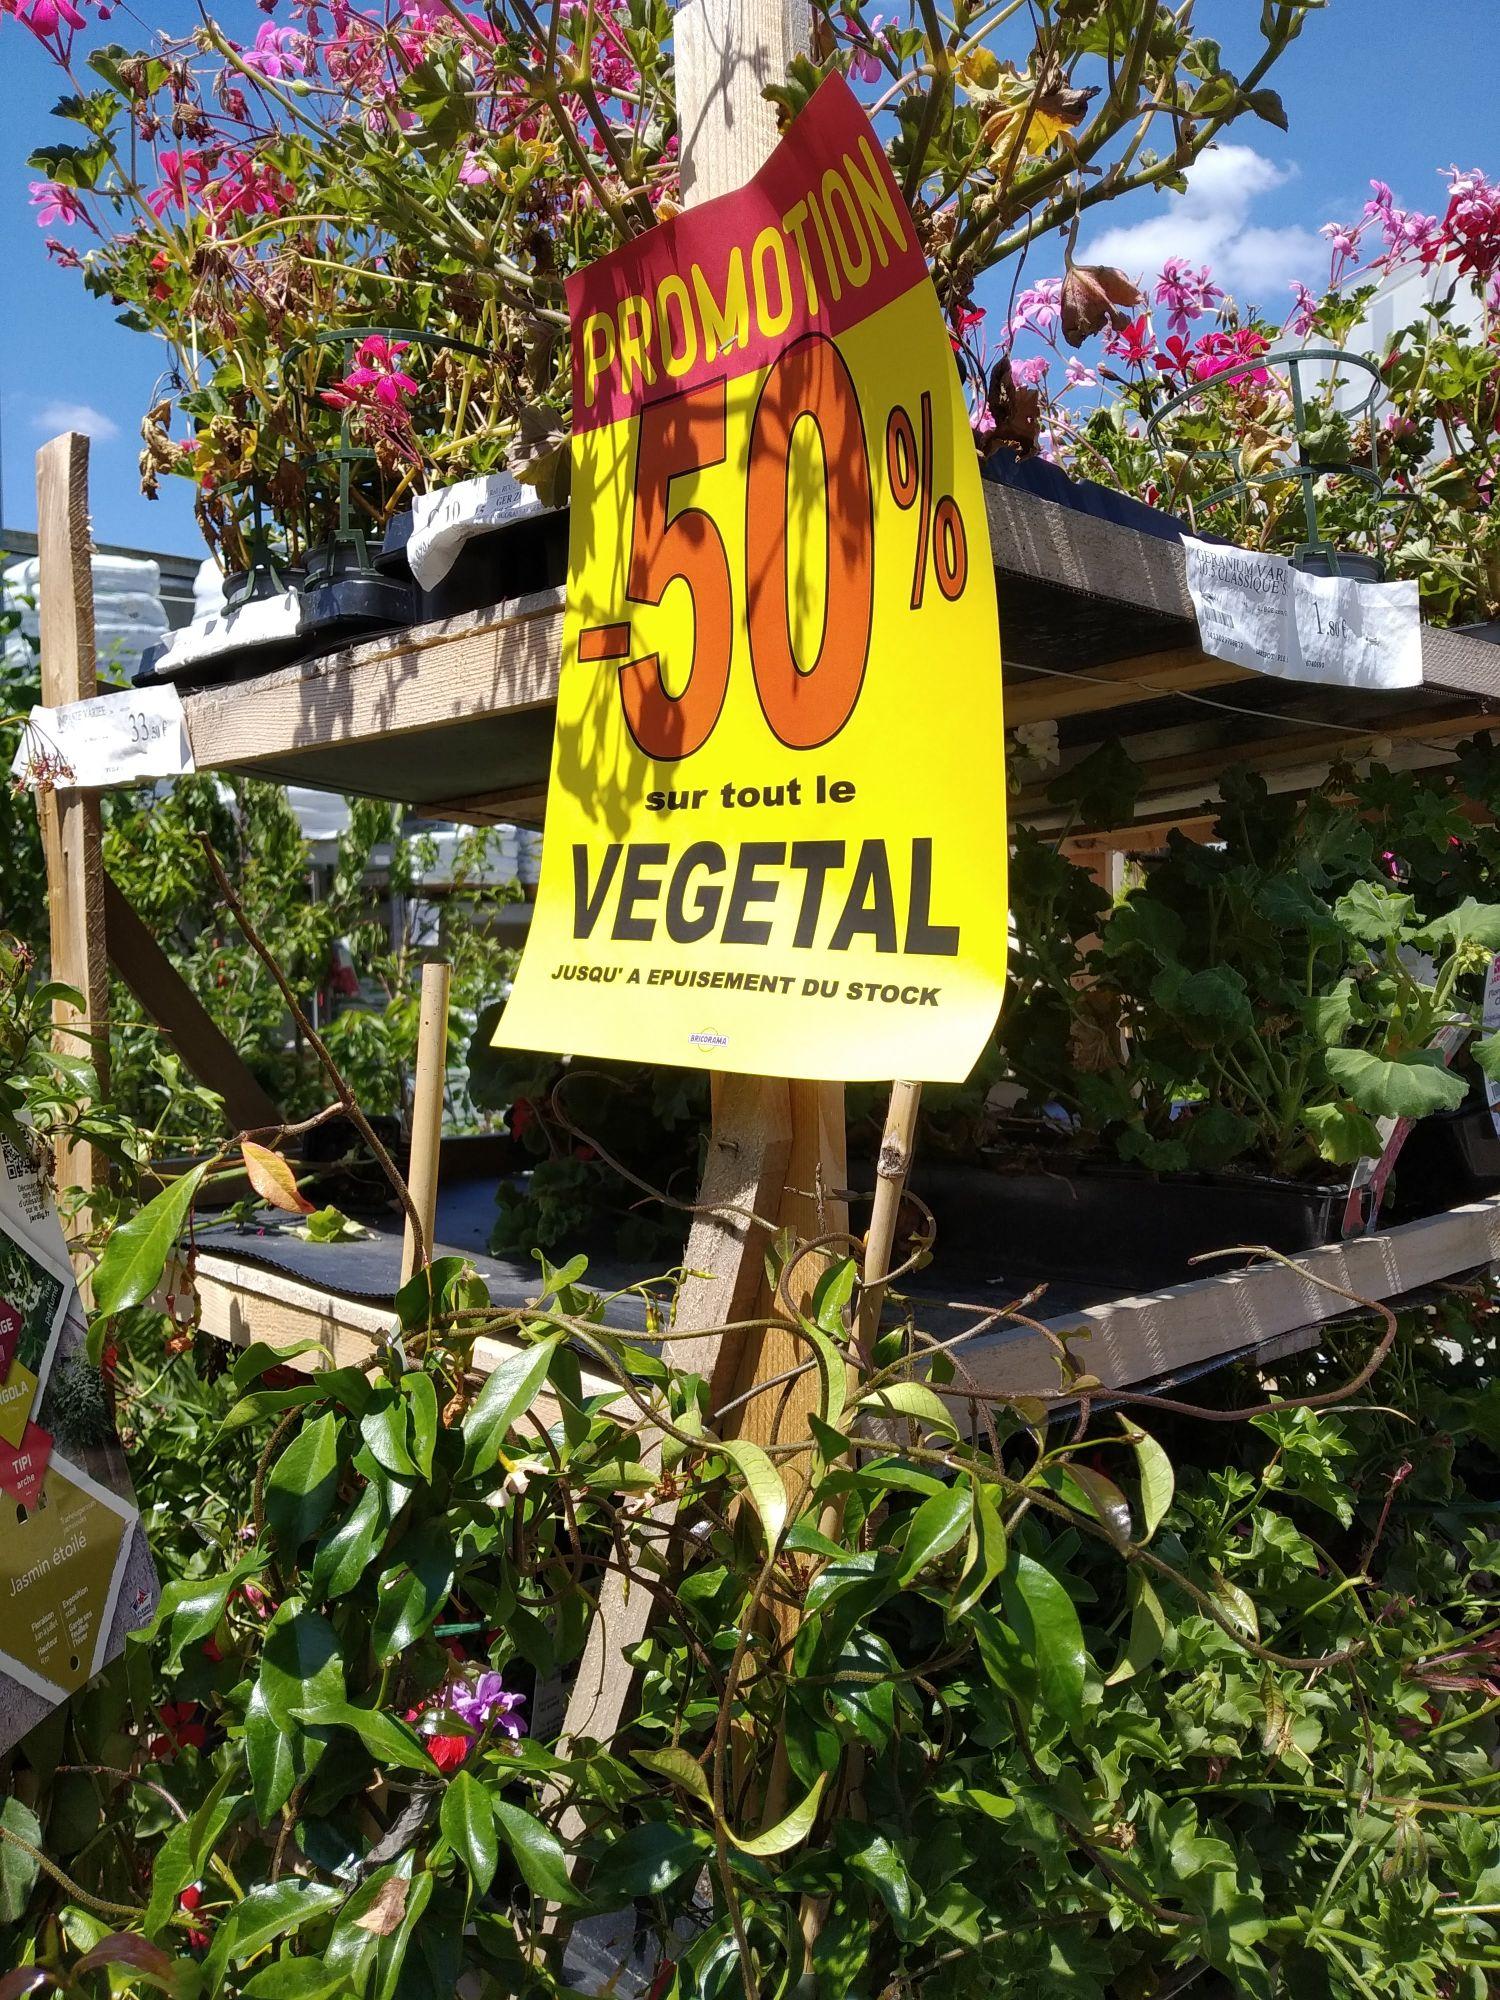 50% de réduction sur tout le végétal (Saint-Germain-lès-Arpajon 91)